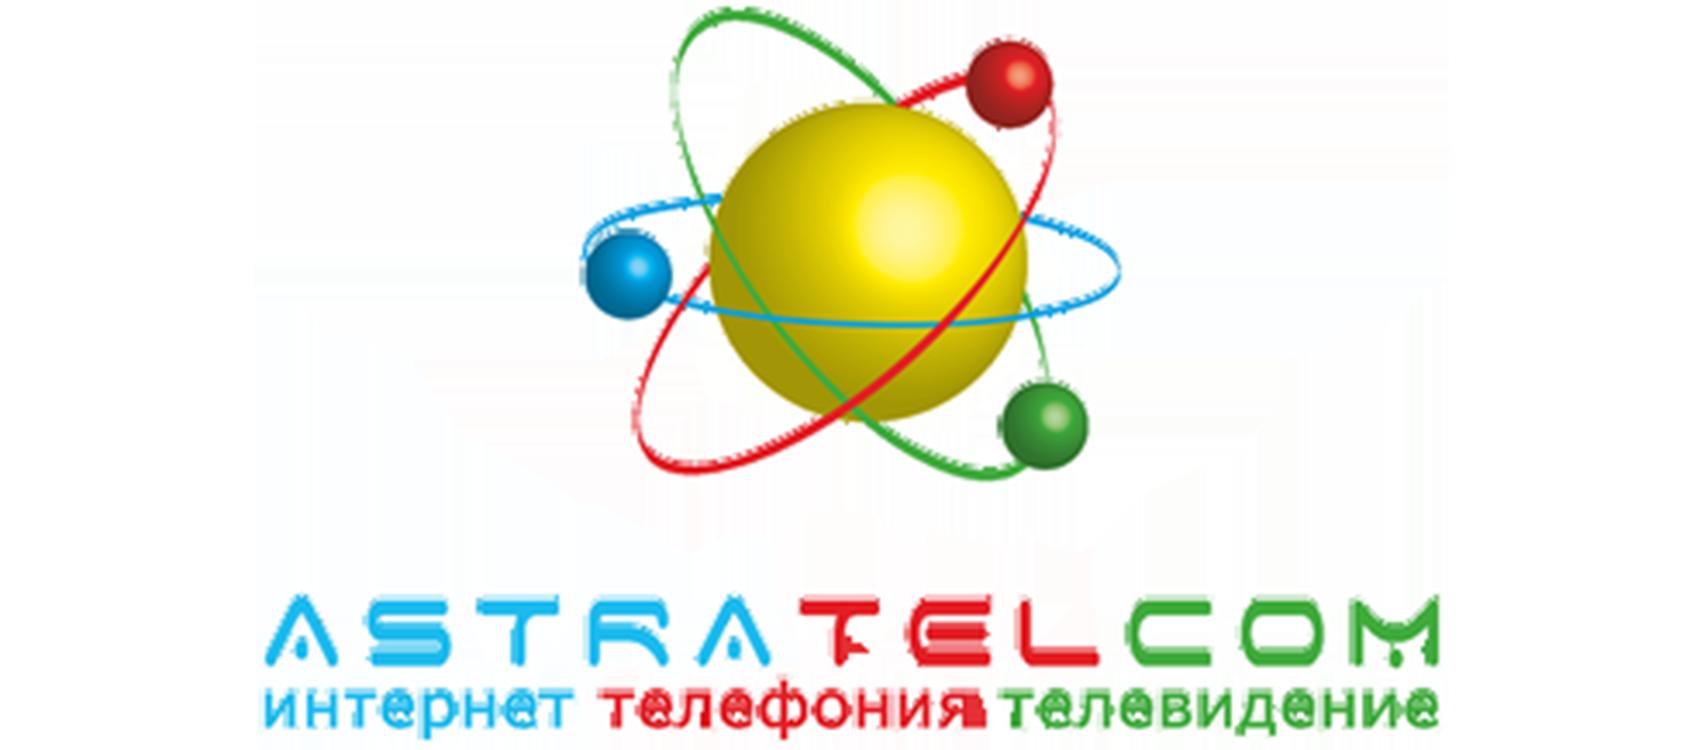 ASTRATELCOM  (Илличевск)